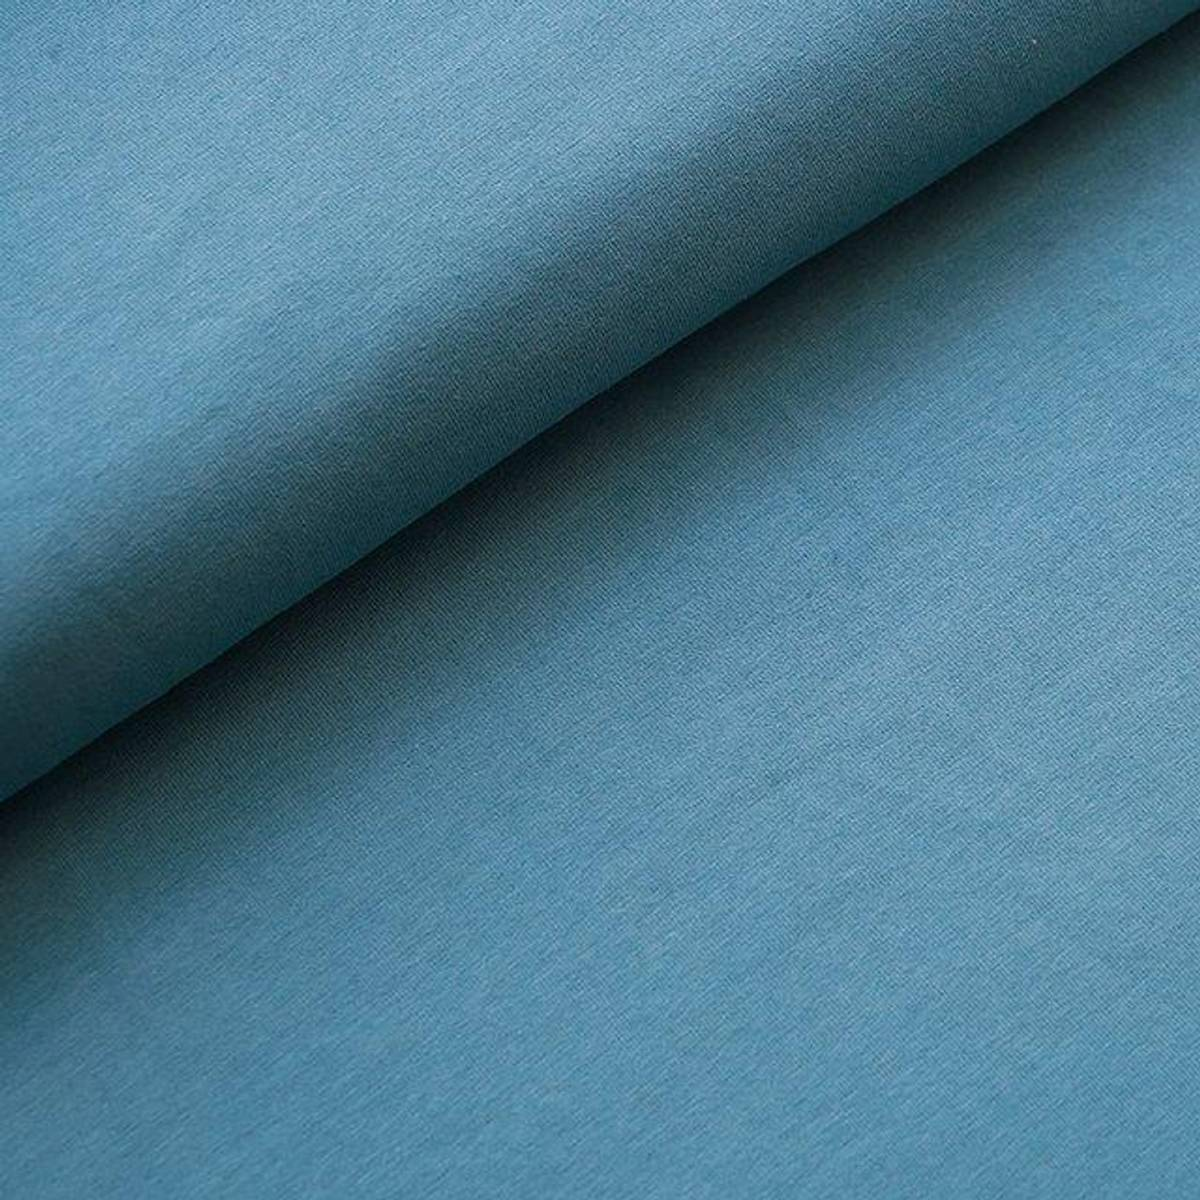 Økologisk jersey, beach house blue